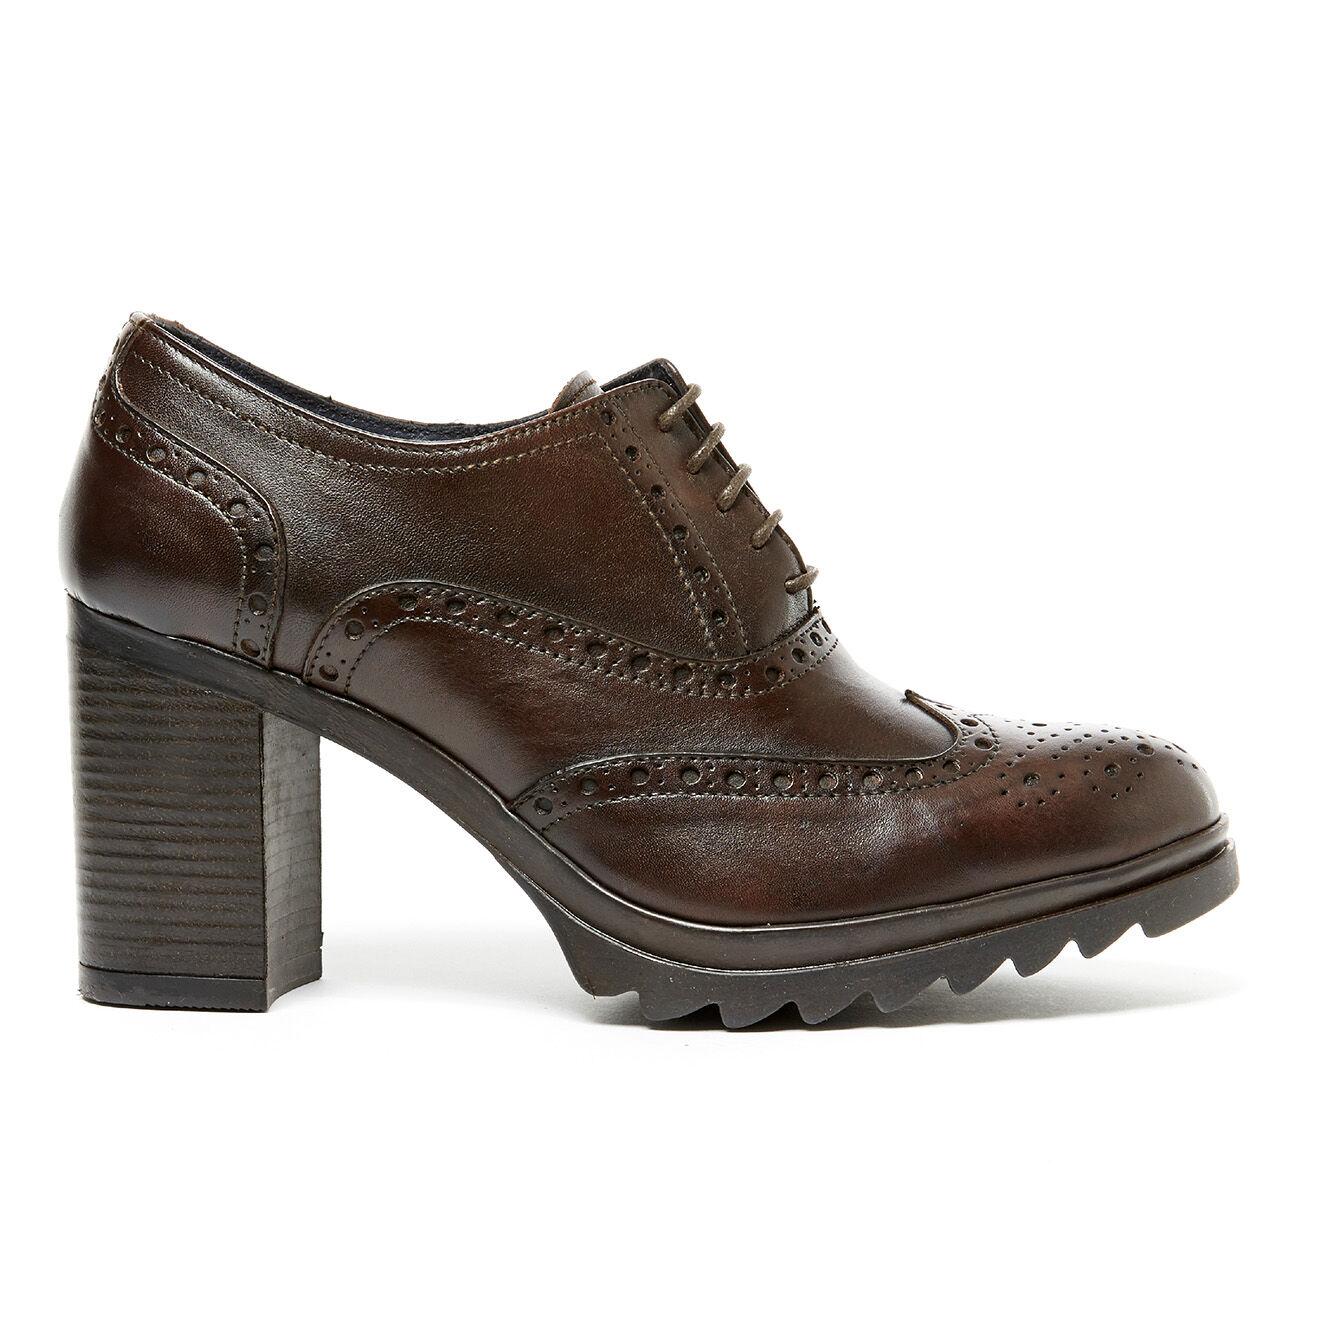 Low boots en Cuir Océane marron foncé Talon 8.5 cm